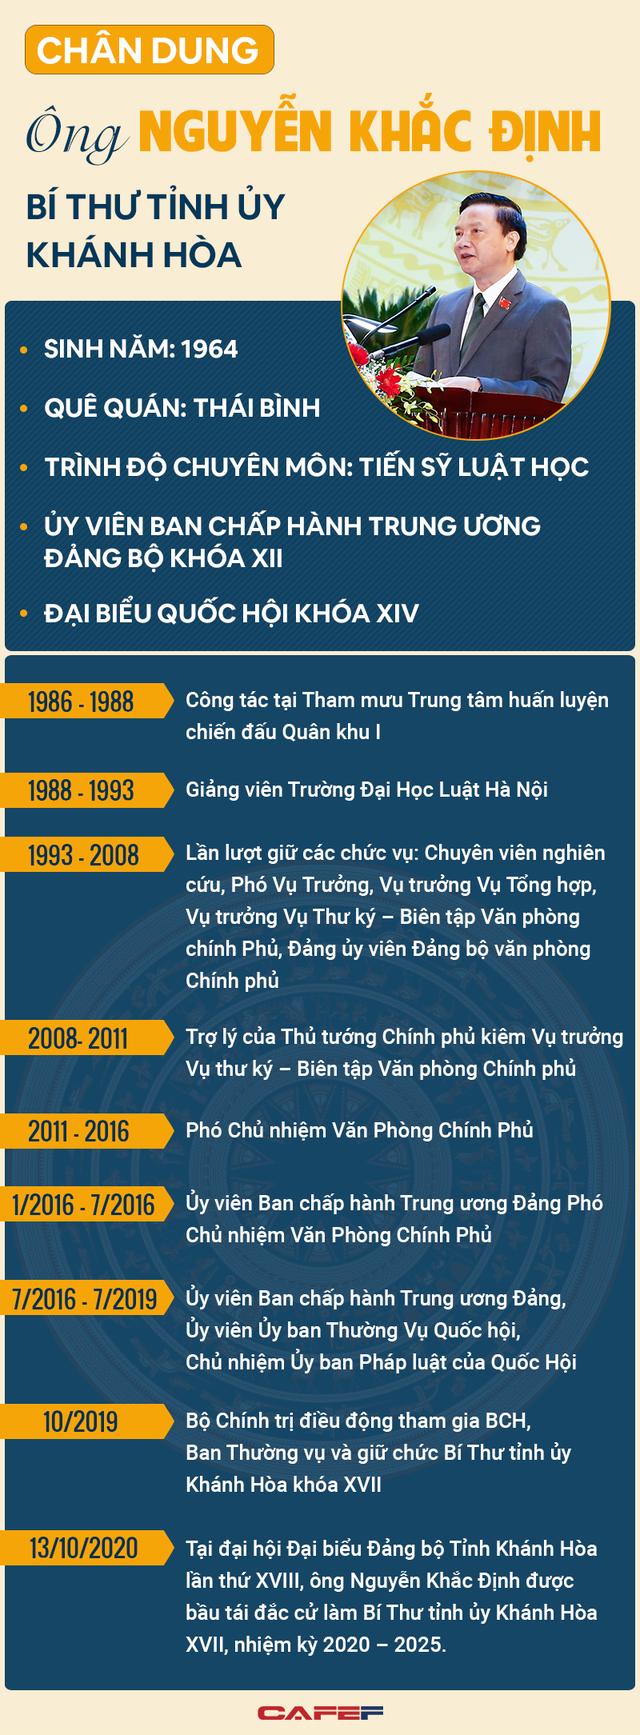 [Infographic]: Chân dung Bí thư Tỉnh ủy Khánh Hòa Nguyễn Khắc Định - Ảnh 1.